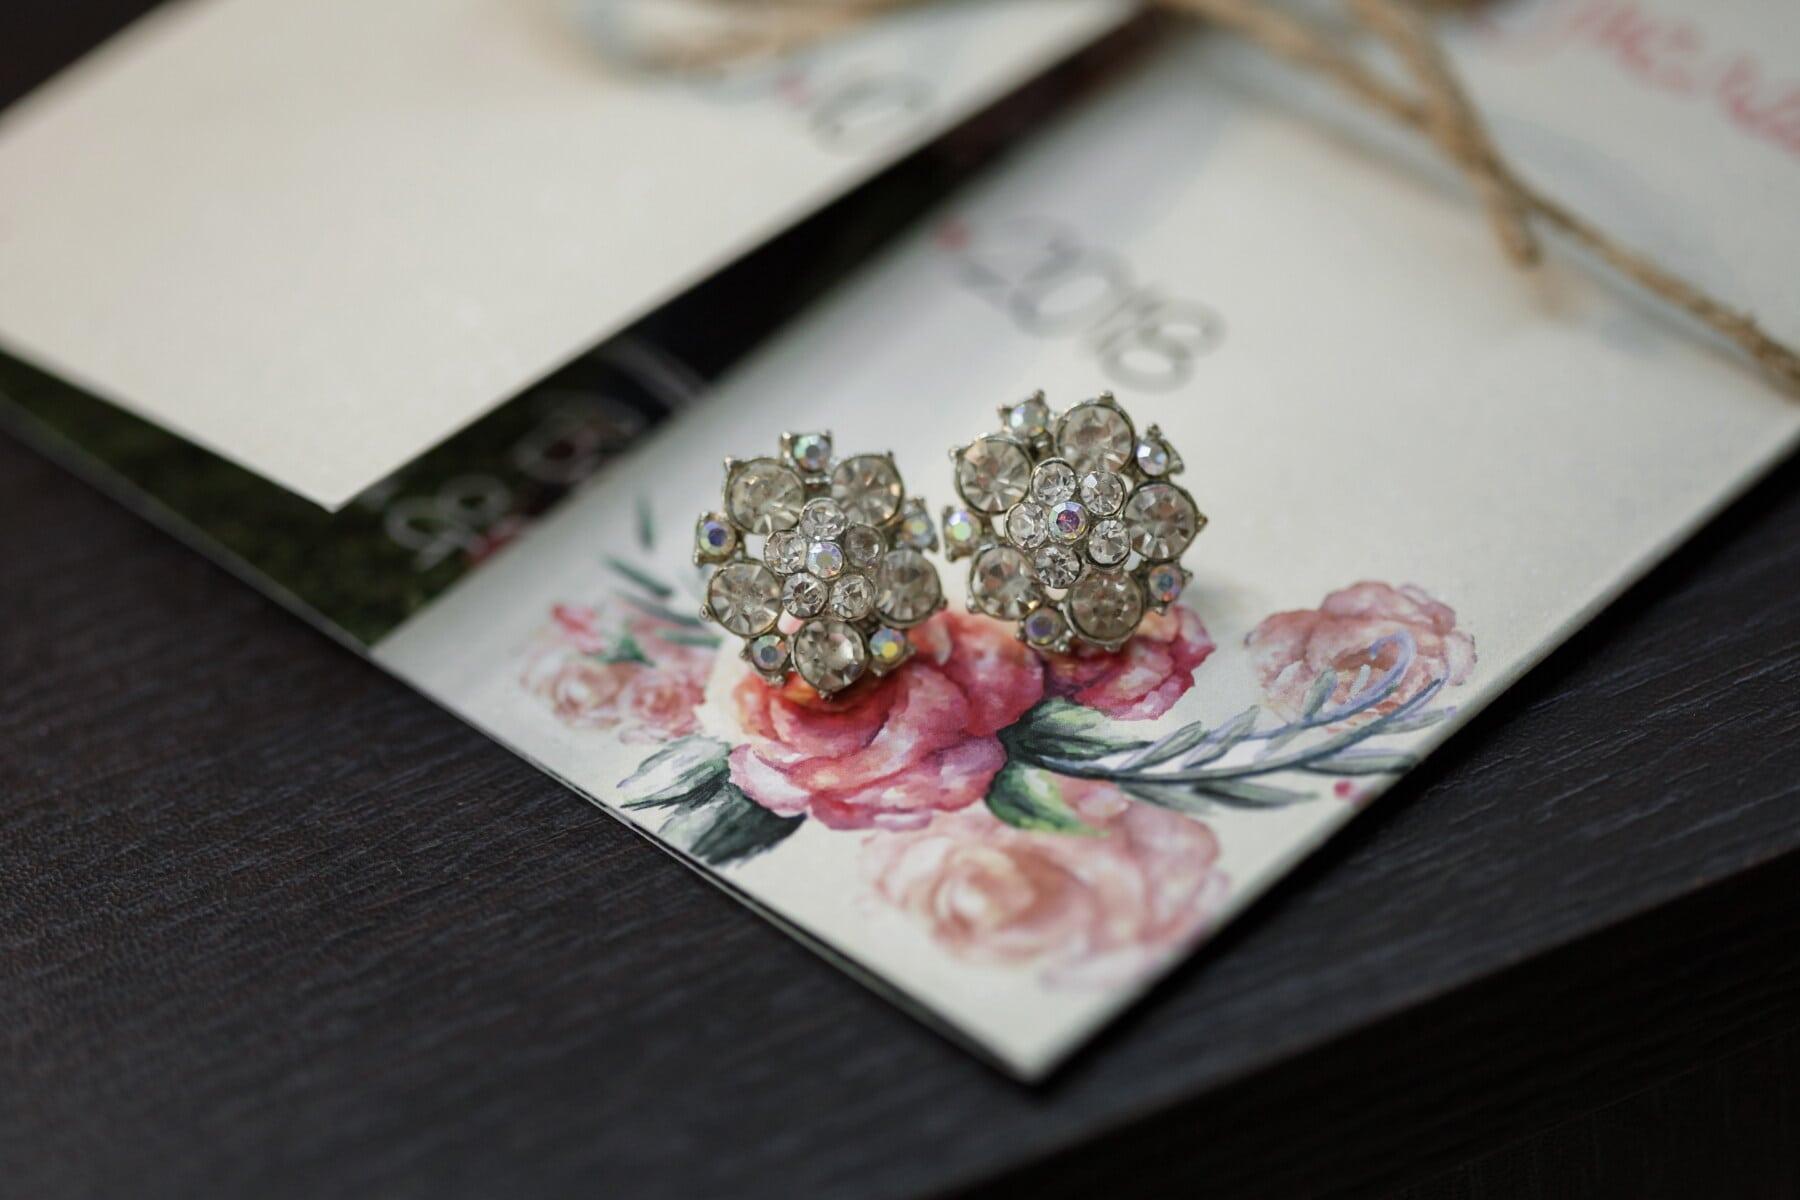 brillante, Ohrringe, Diamant, Luxus, Karten, Geschenke, Tabelle, Still-Leben, Schmuck, Geschäft